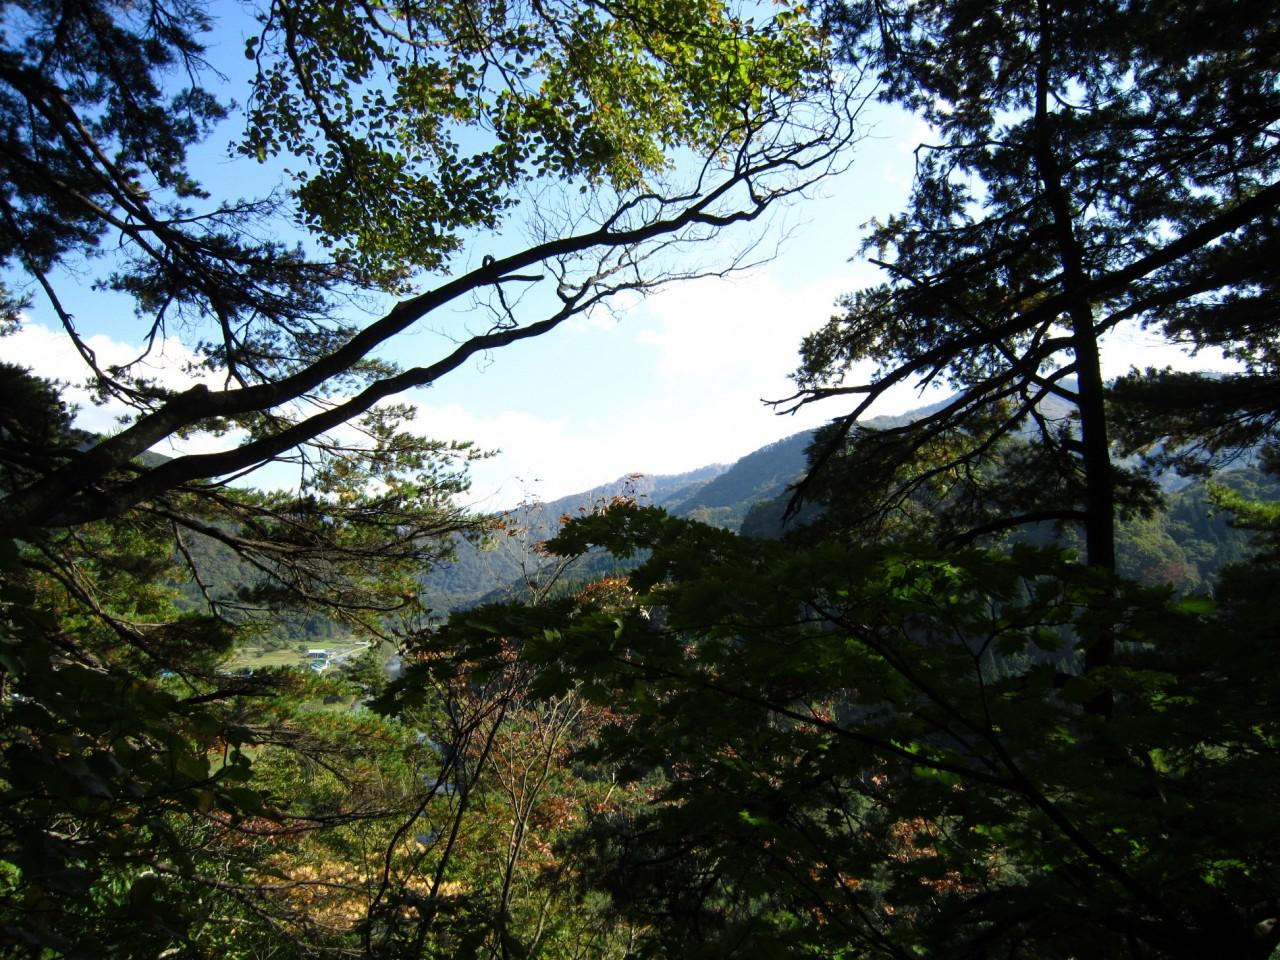 青森 津軽 深浦町 風景 冬 昼 樹 岩 森 木 山